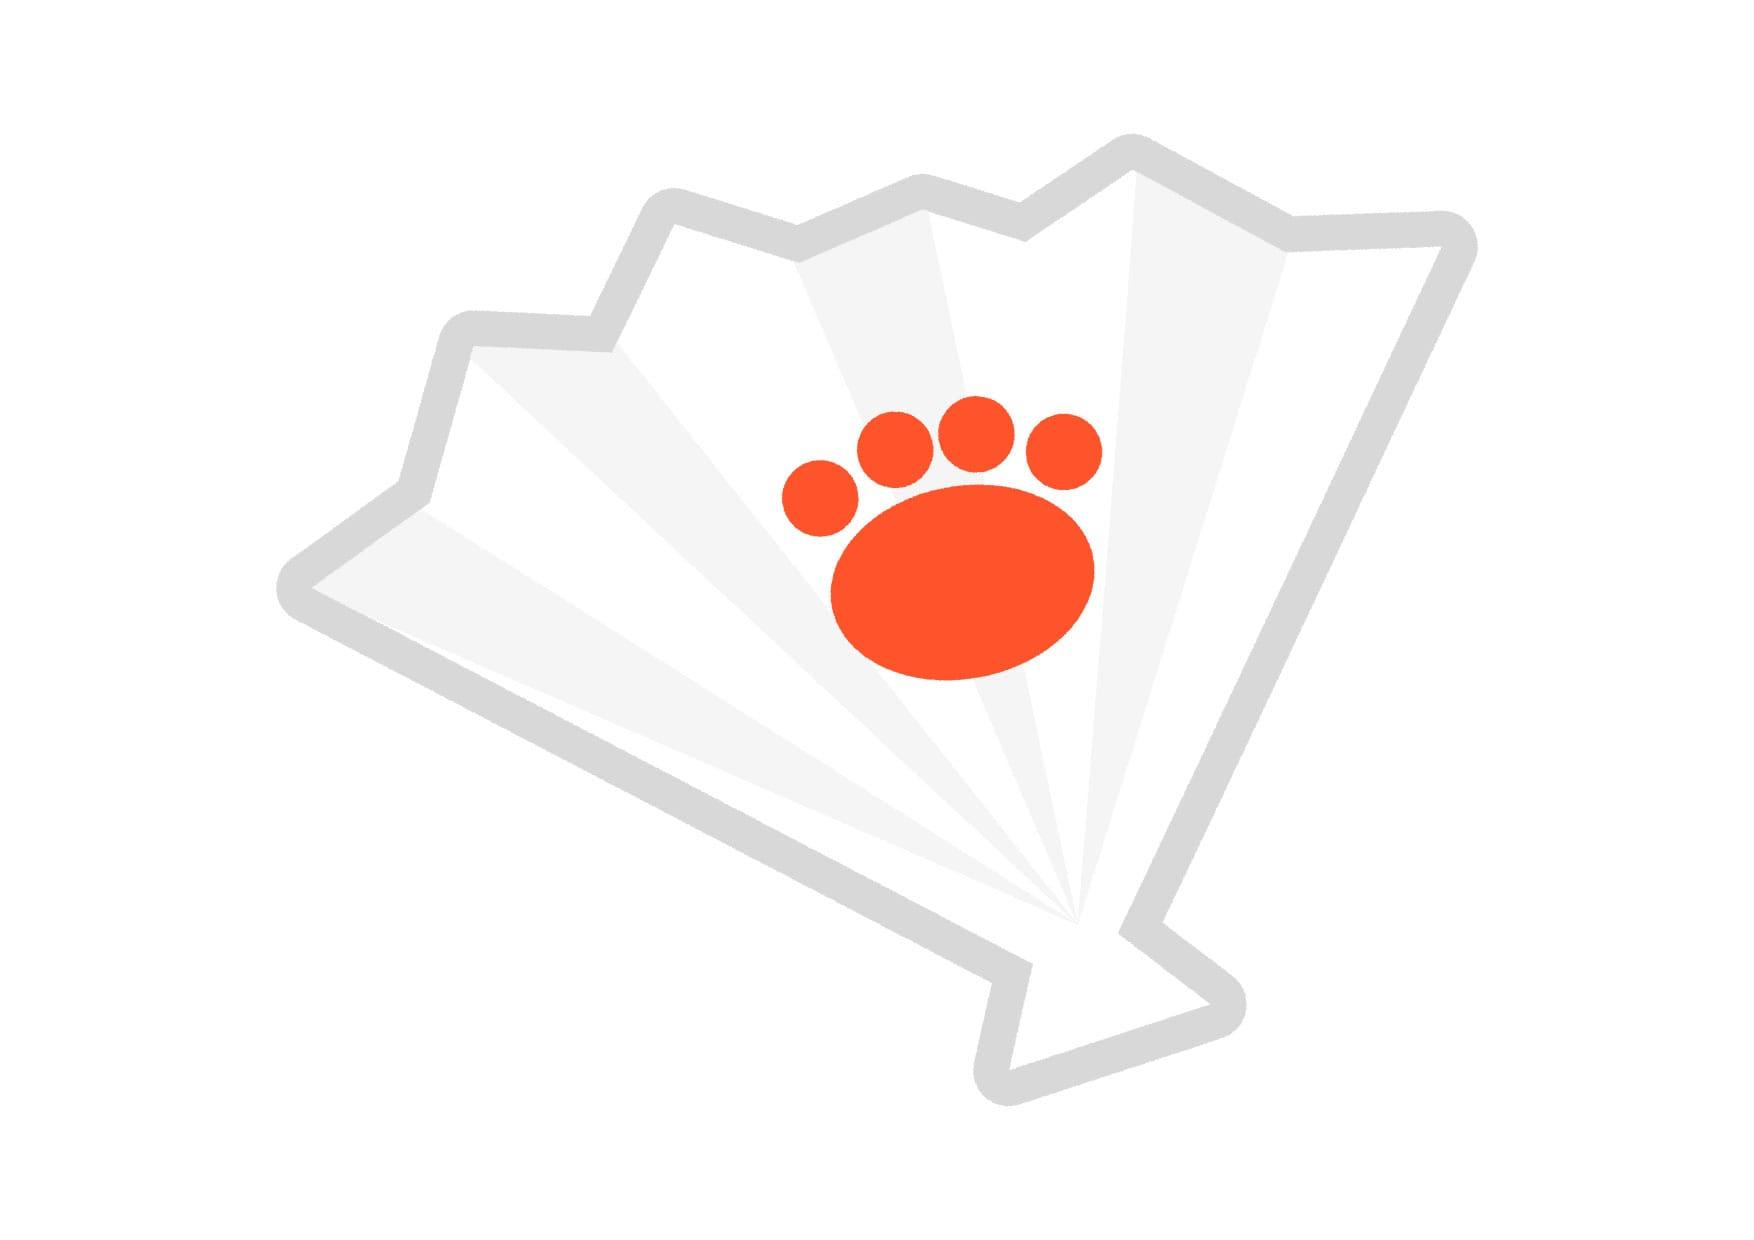 可愛いイラスト無料|扇子 足跡 − free illustration  Folding fan  Footprint